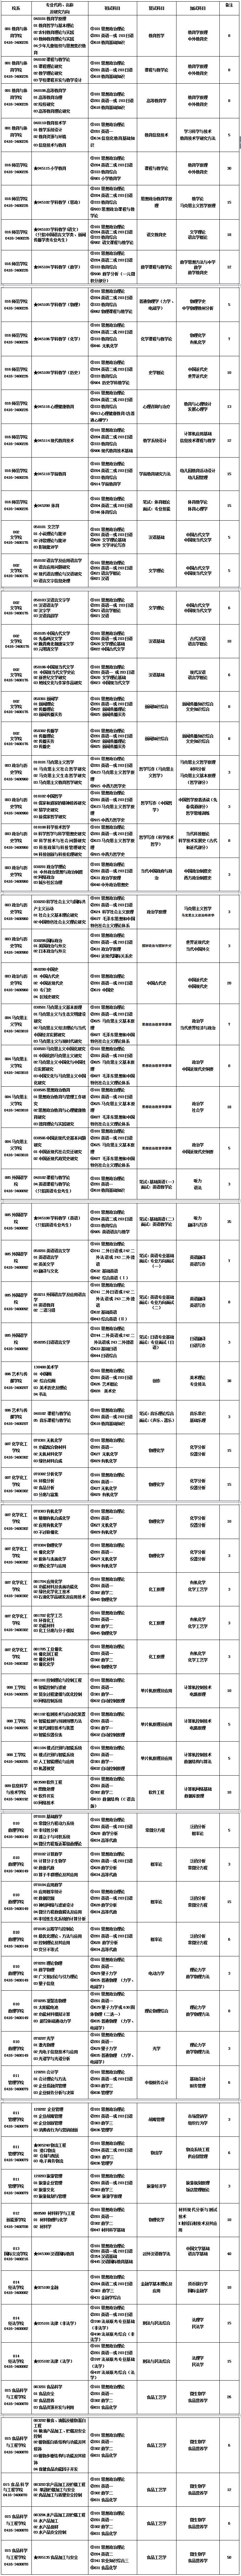 2019考研专业目录